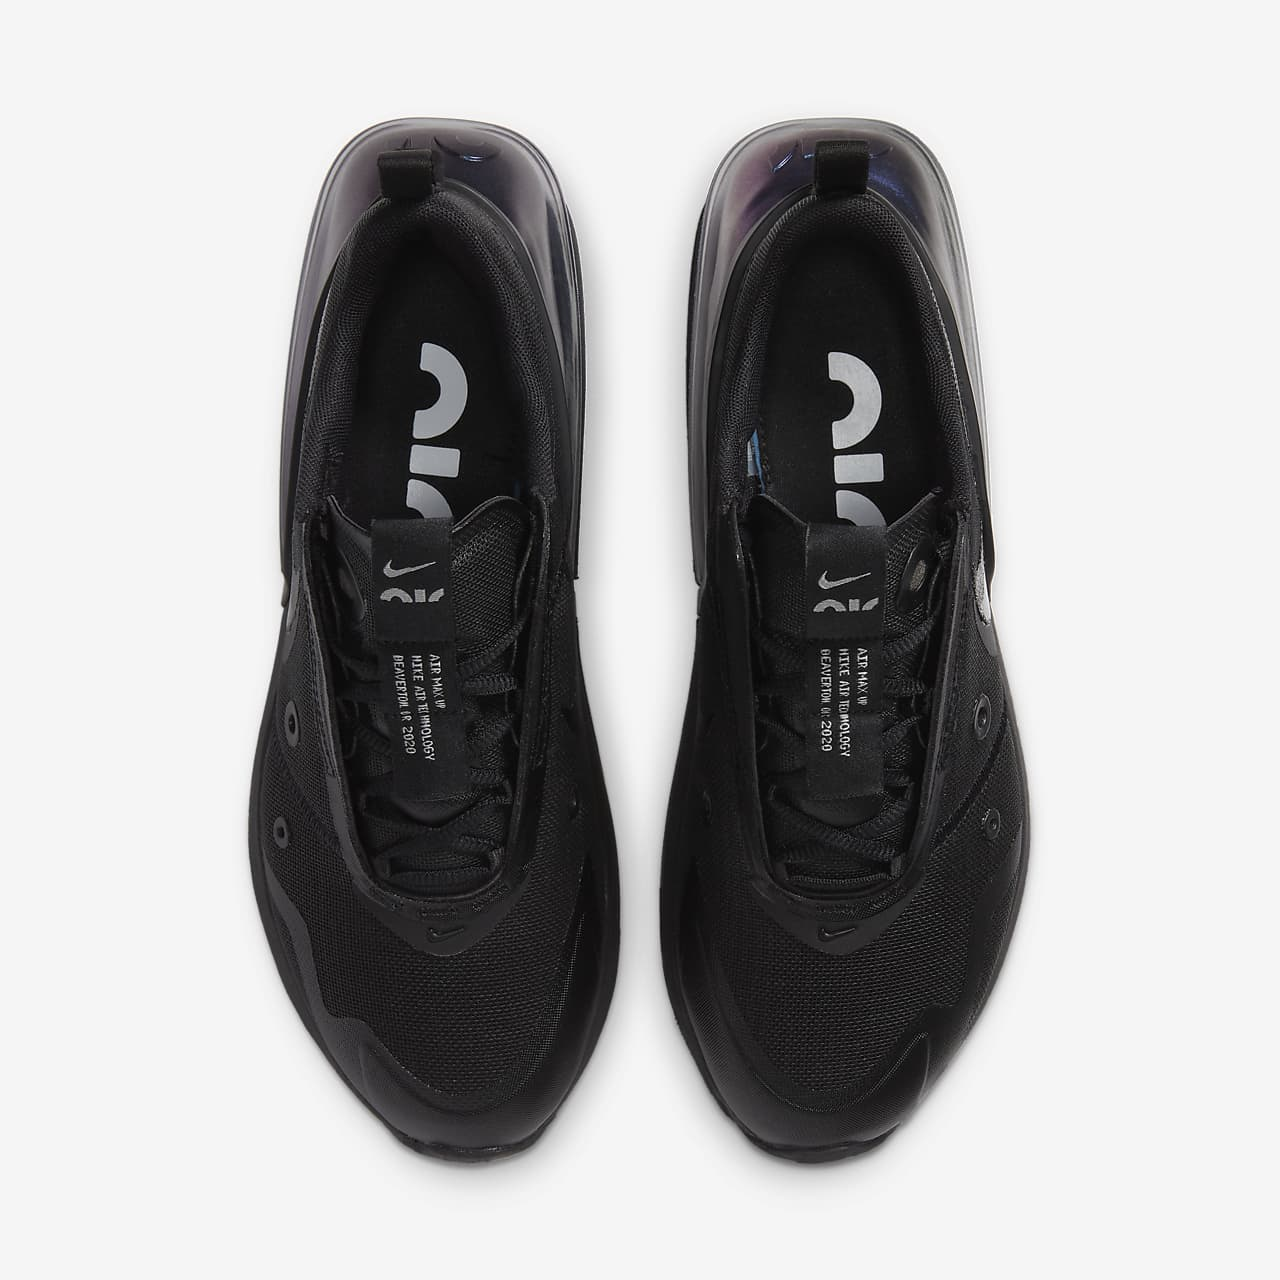 나이키 에어 맥스 업 NRG 여성 신발 CK4124-001